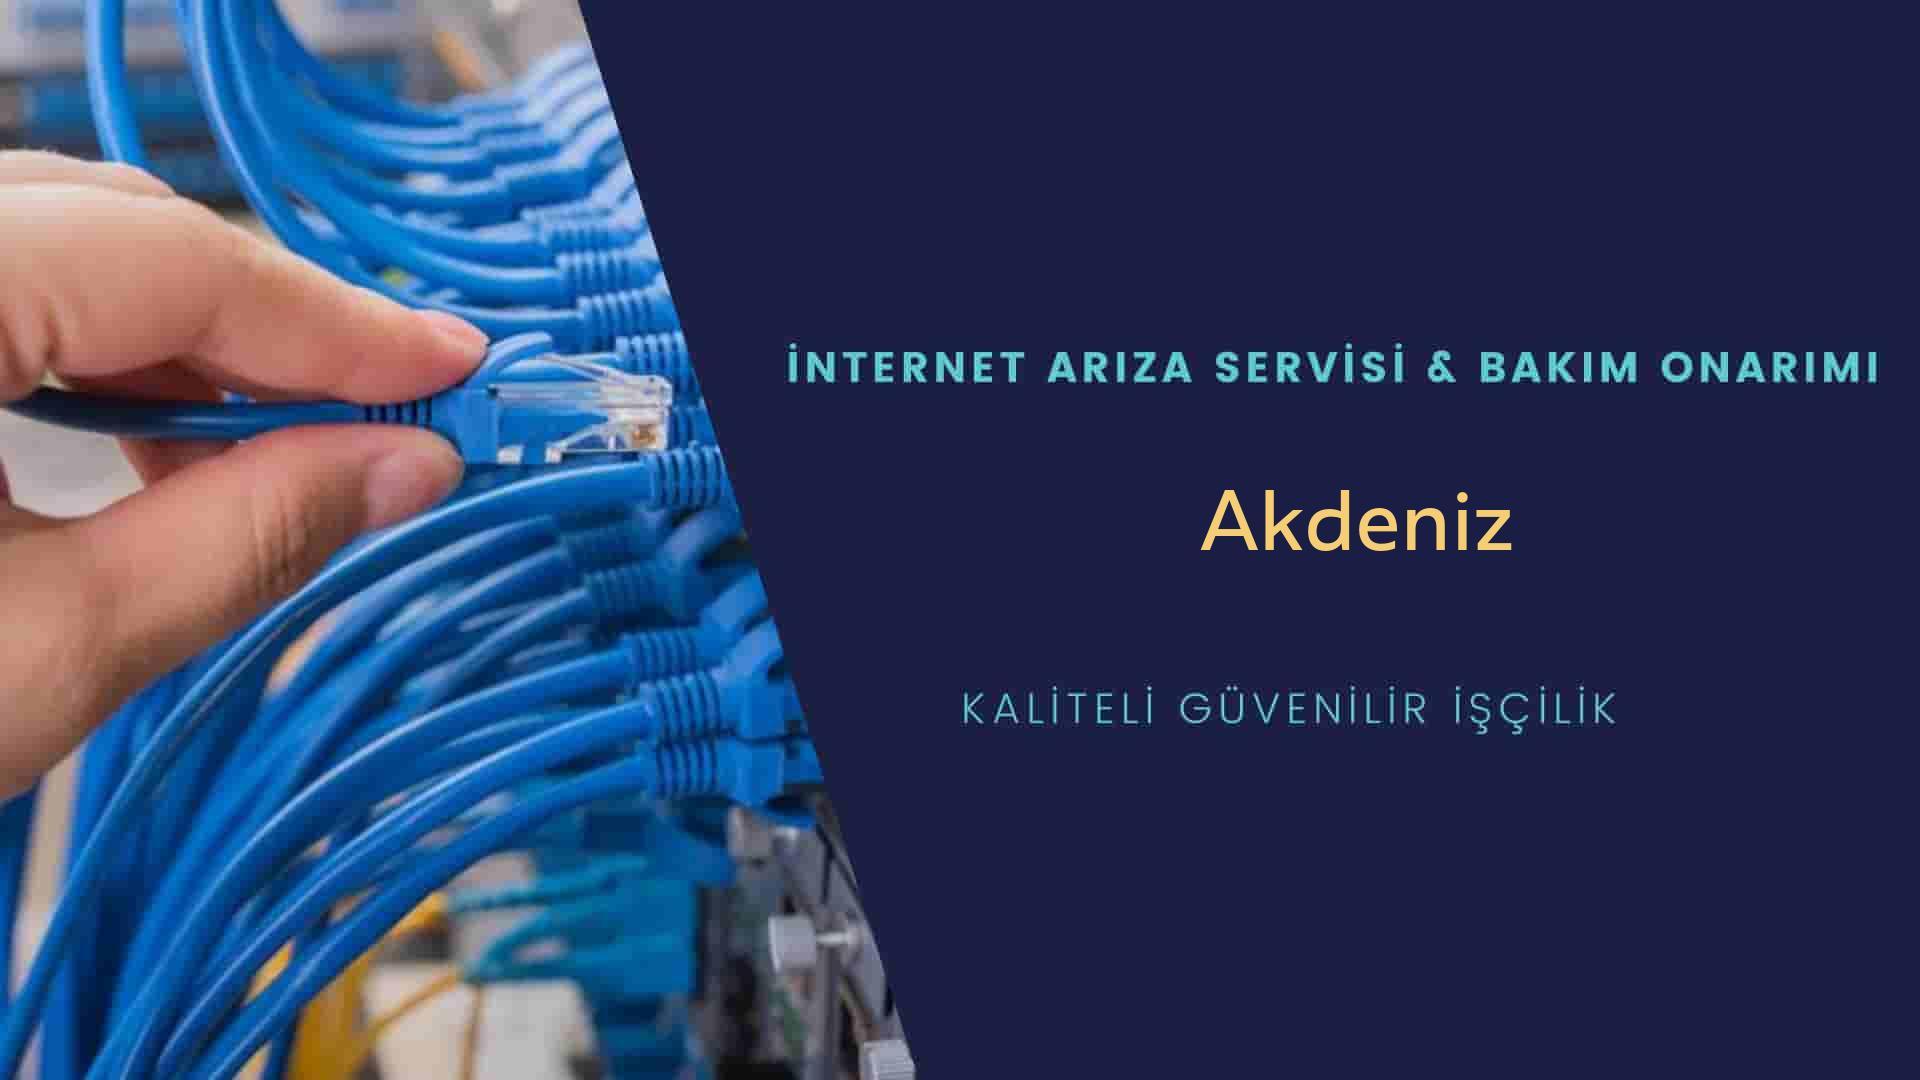 Akdeniz internet kablosu çekimi yapan yerler veya elektrikçiler mi? arıyorsunuz doğru yerdesiniz o zaman sizlere 7/24 yardımcı olacak profesyonel ustalarımız bir telefon kadar yakındır size.